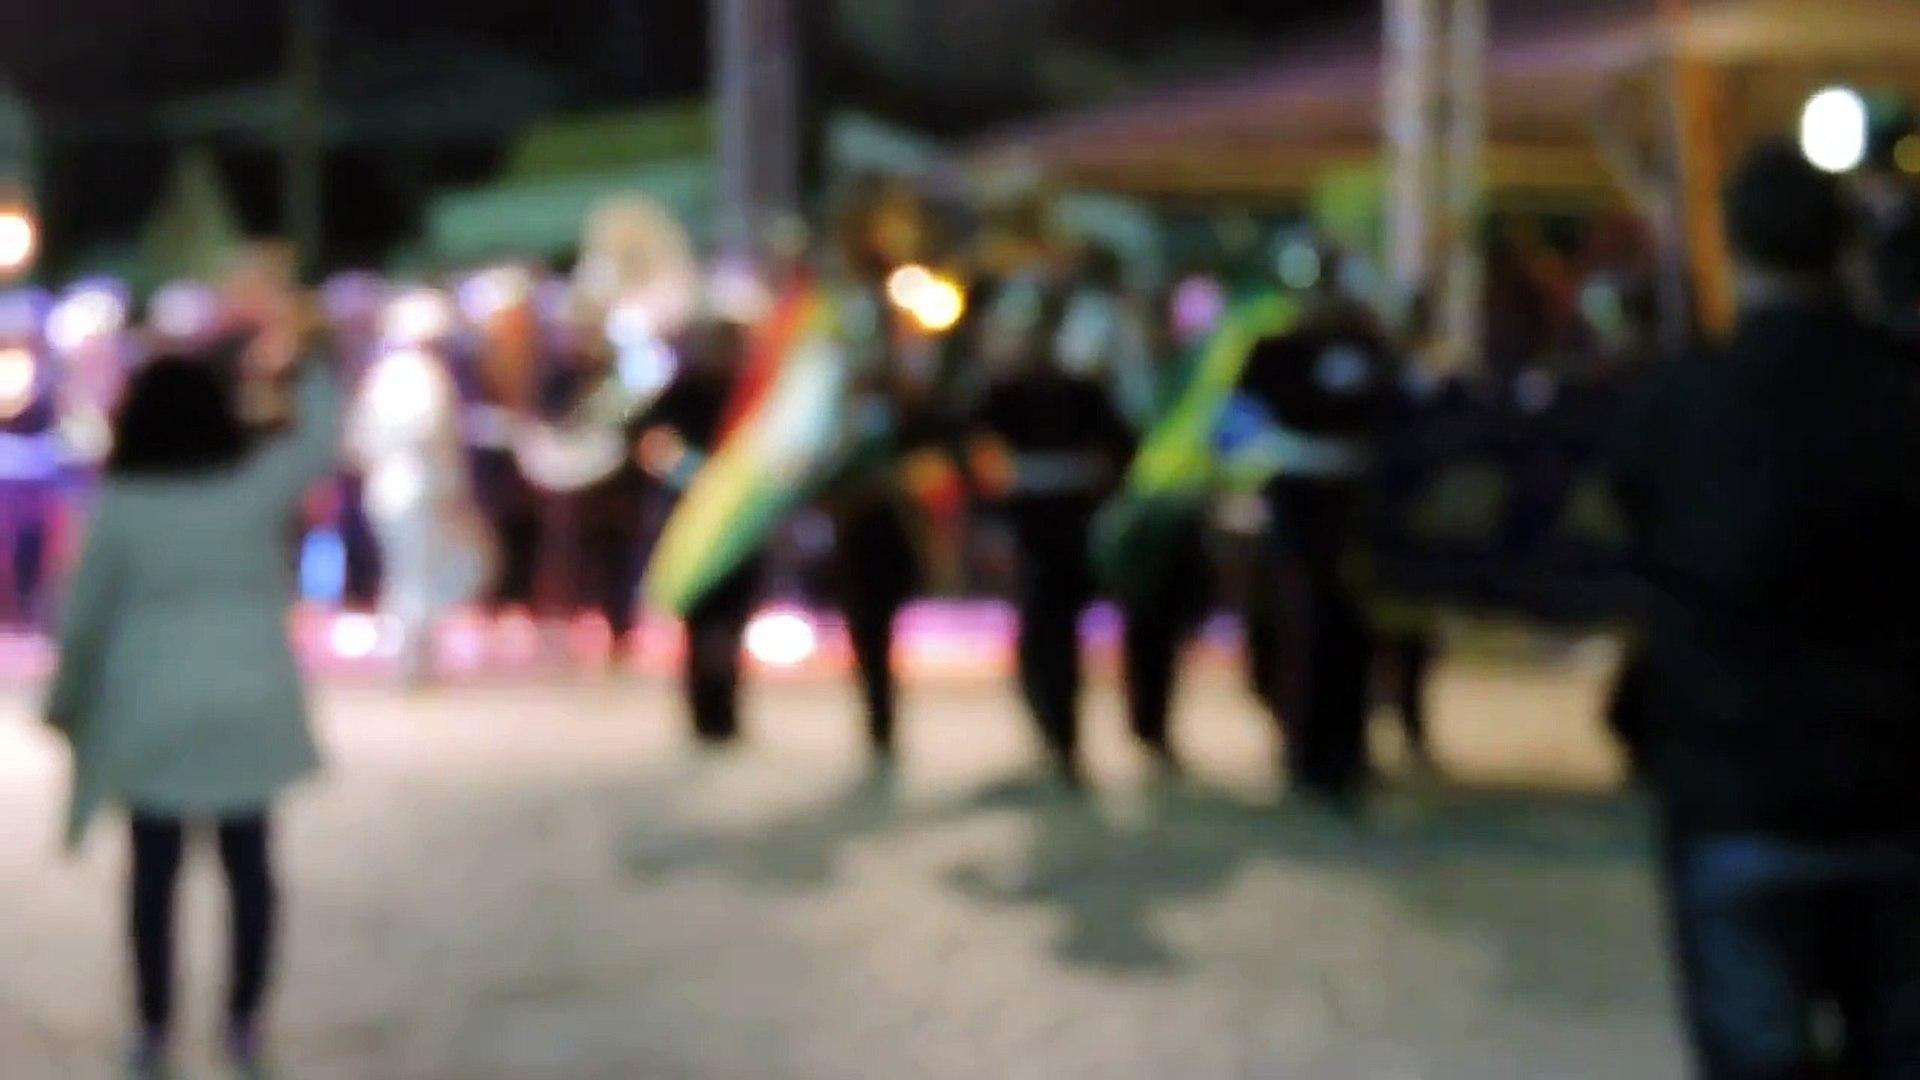 Banda Marcial Juliana - 26° Festival de Bandas São Lourenço - The Washington Post March